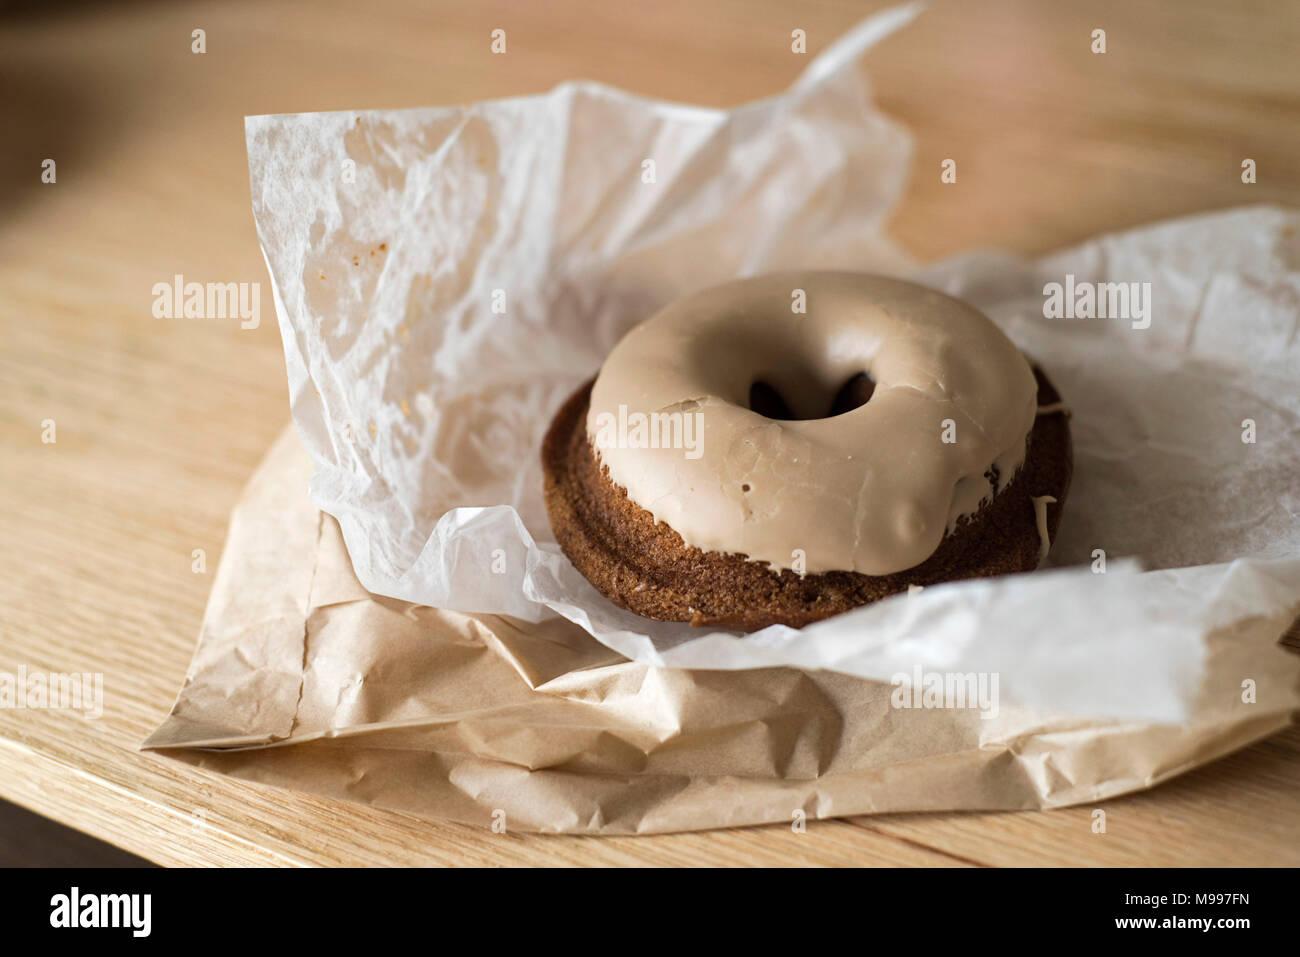 Bereit zu Essen glutenfreies Donut auf Pergamentpapier und braune Papiertüte Stockbild